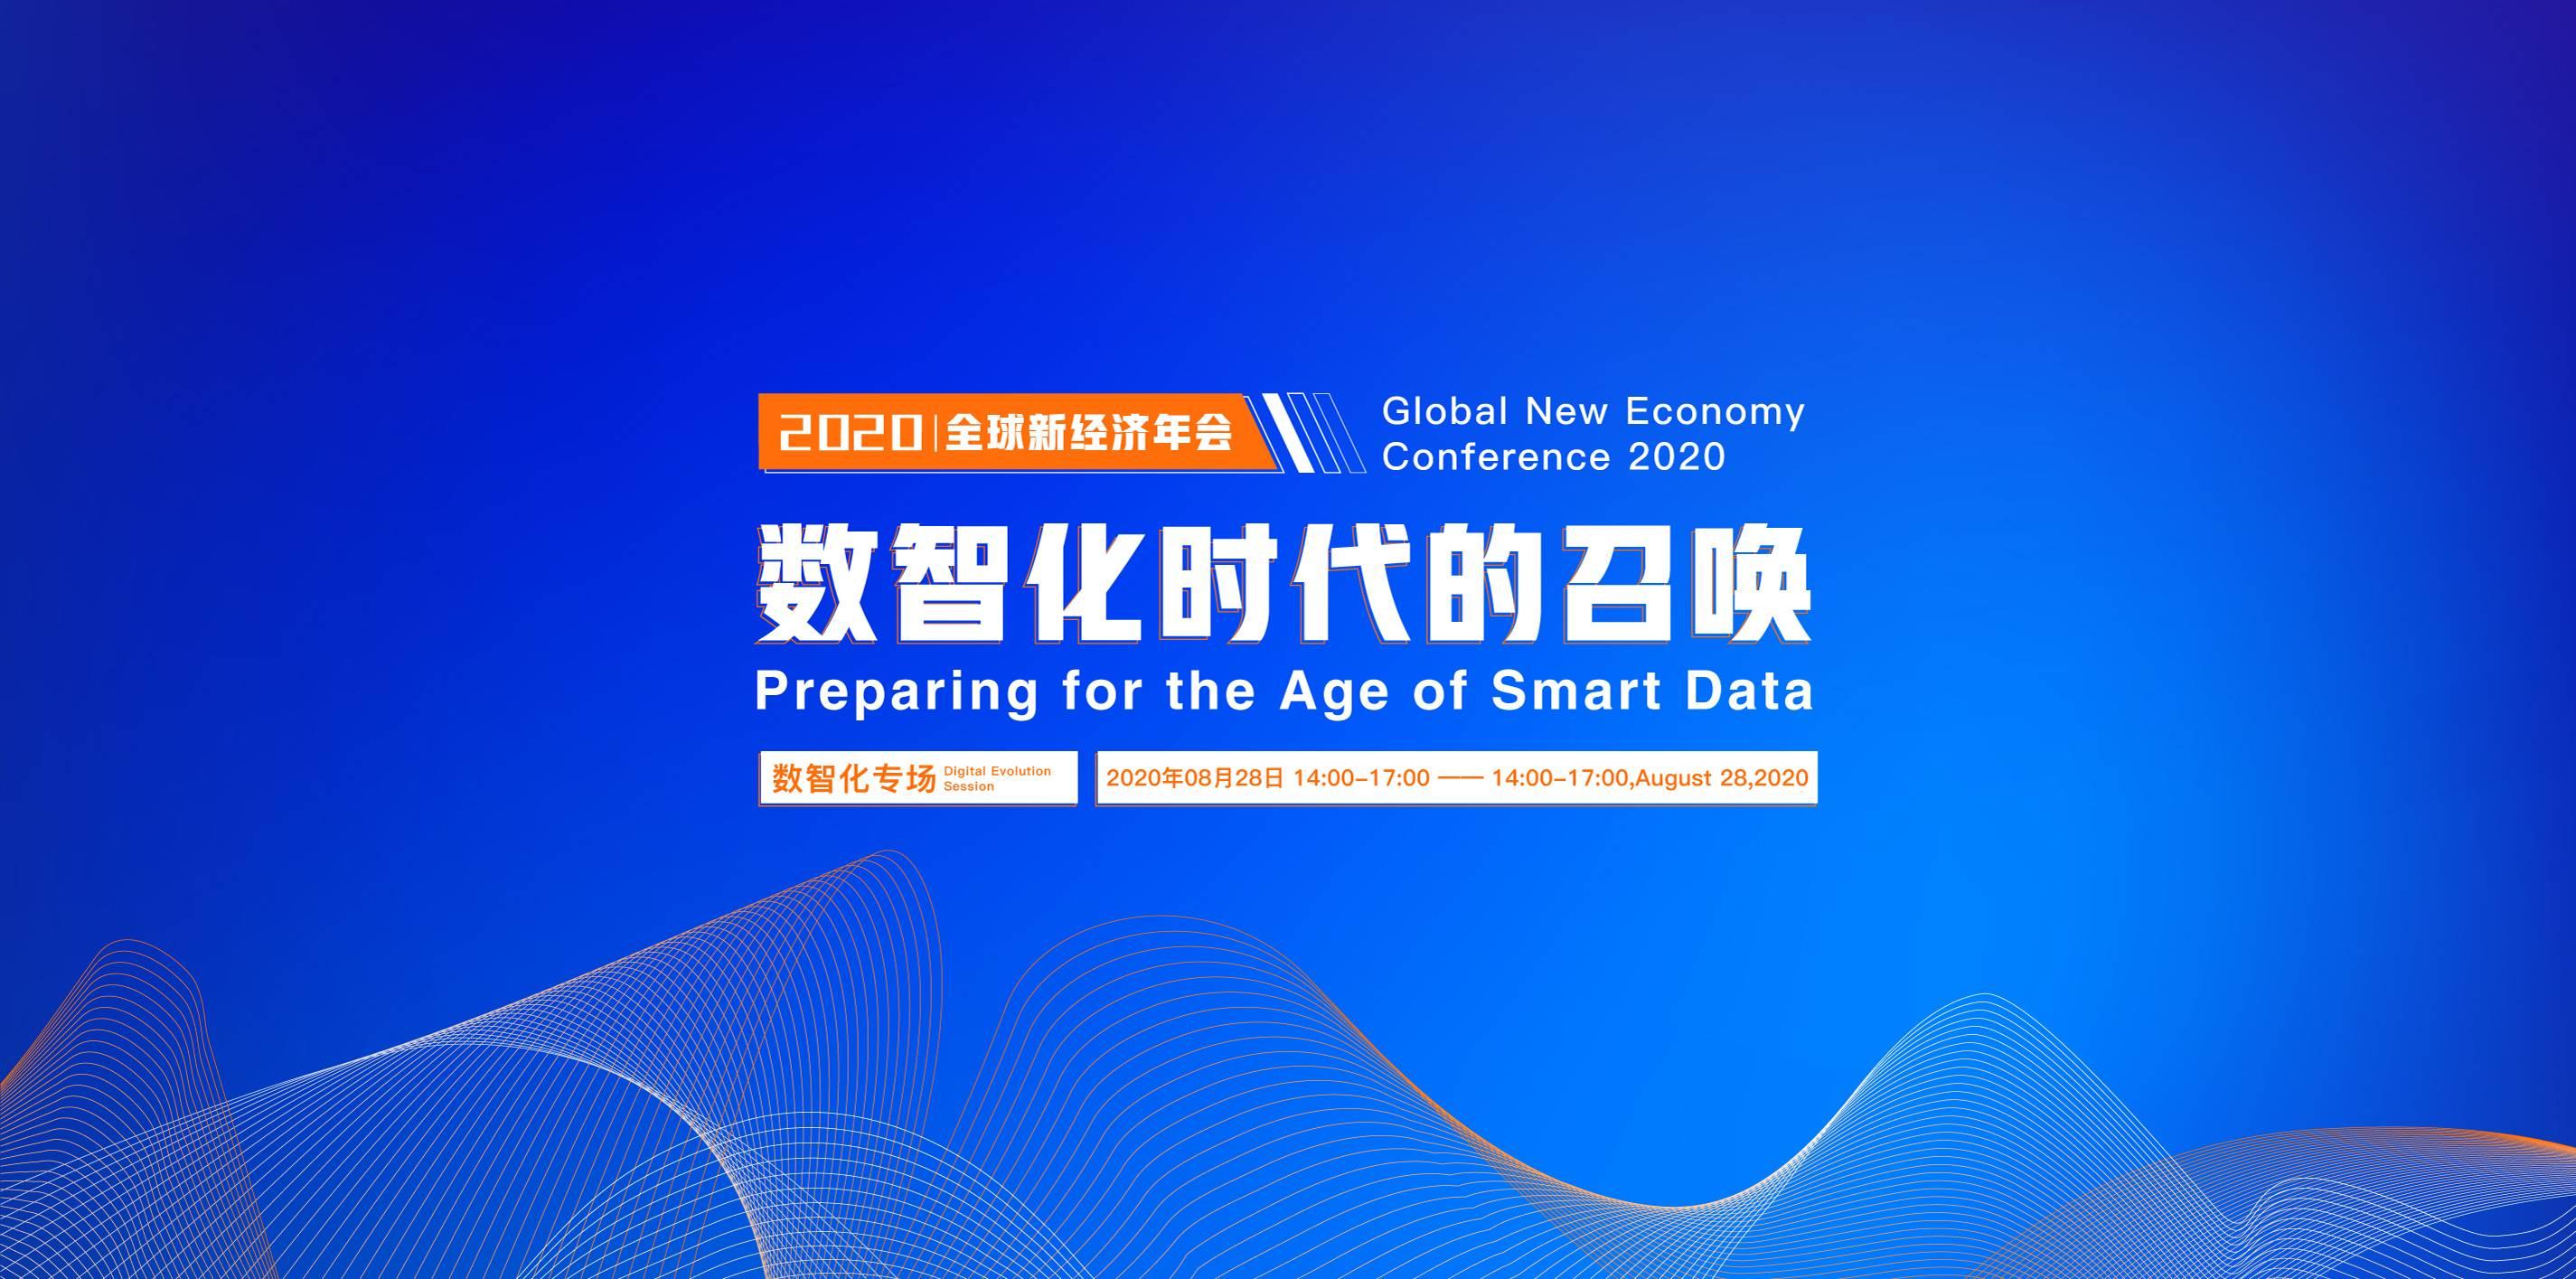 【活动】2020全球新经济年会 数智化专场-亿欧